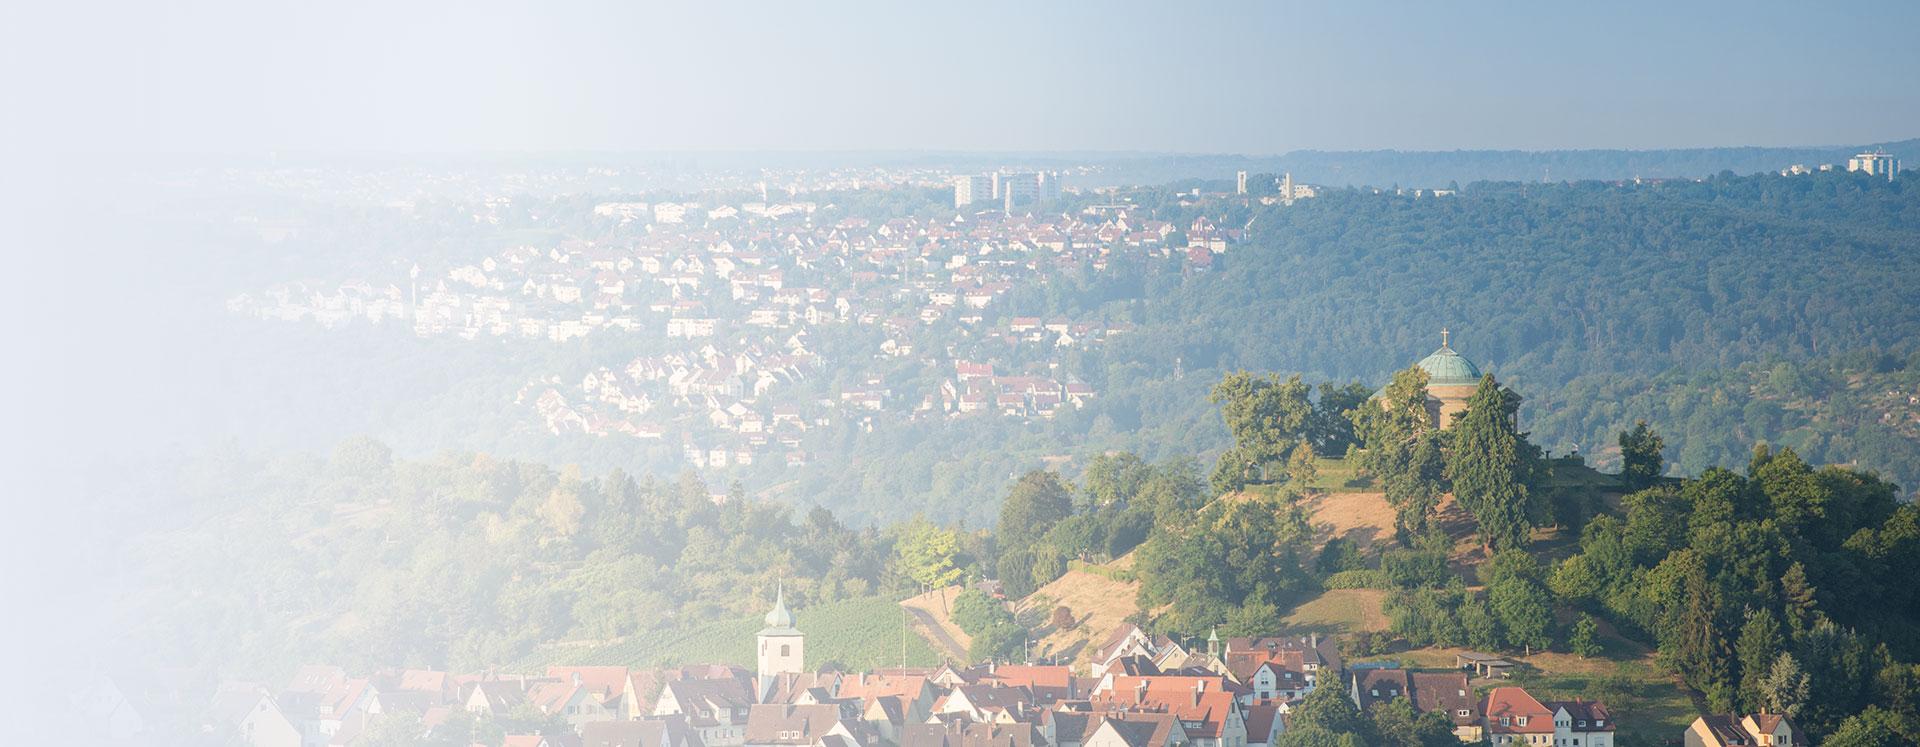 Diakonie in Untertürkheim